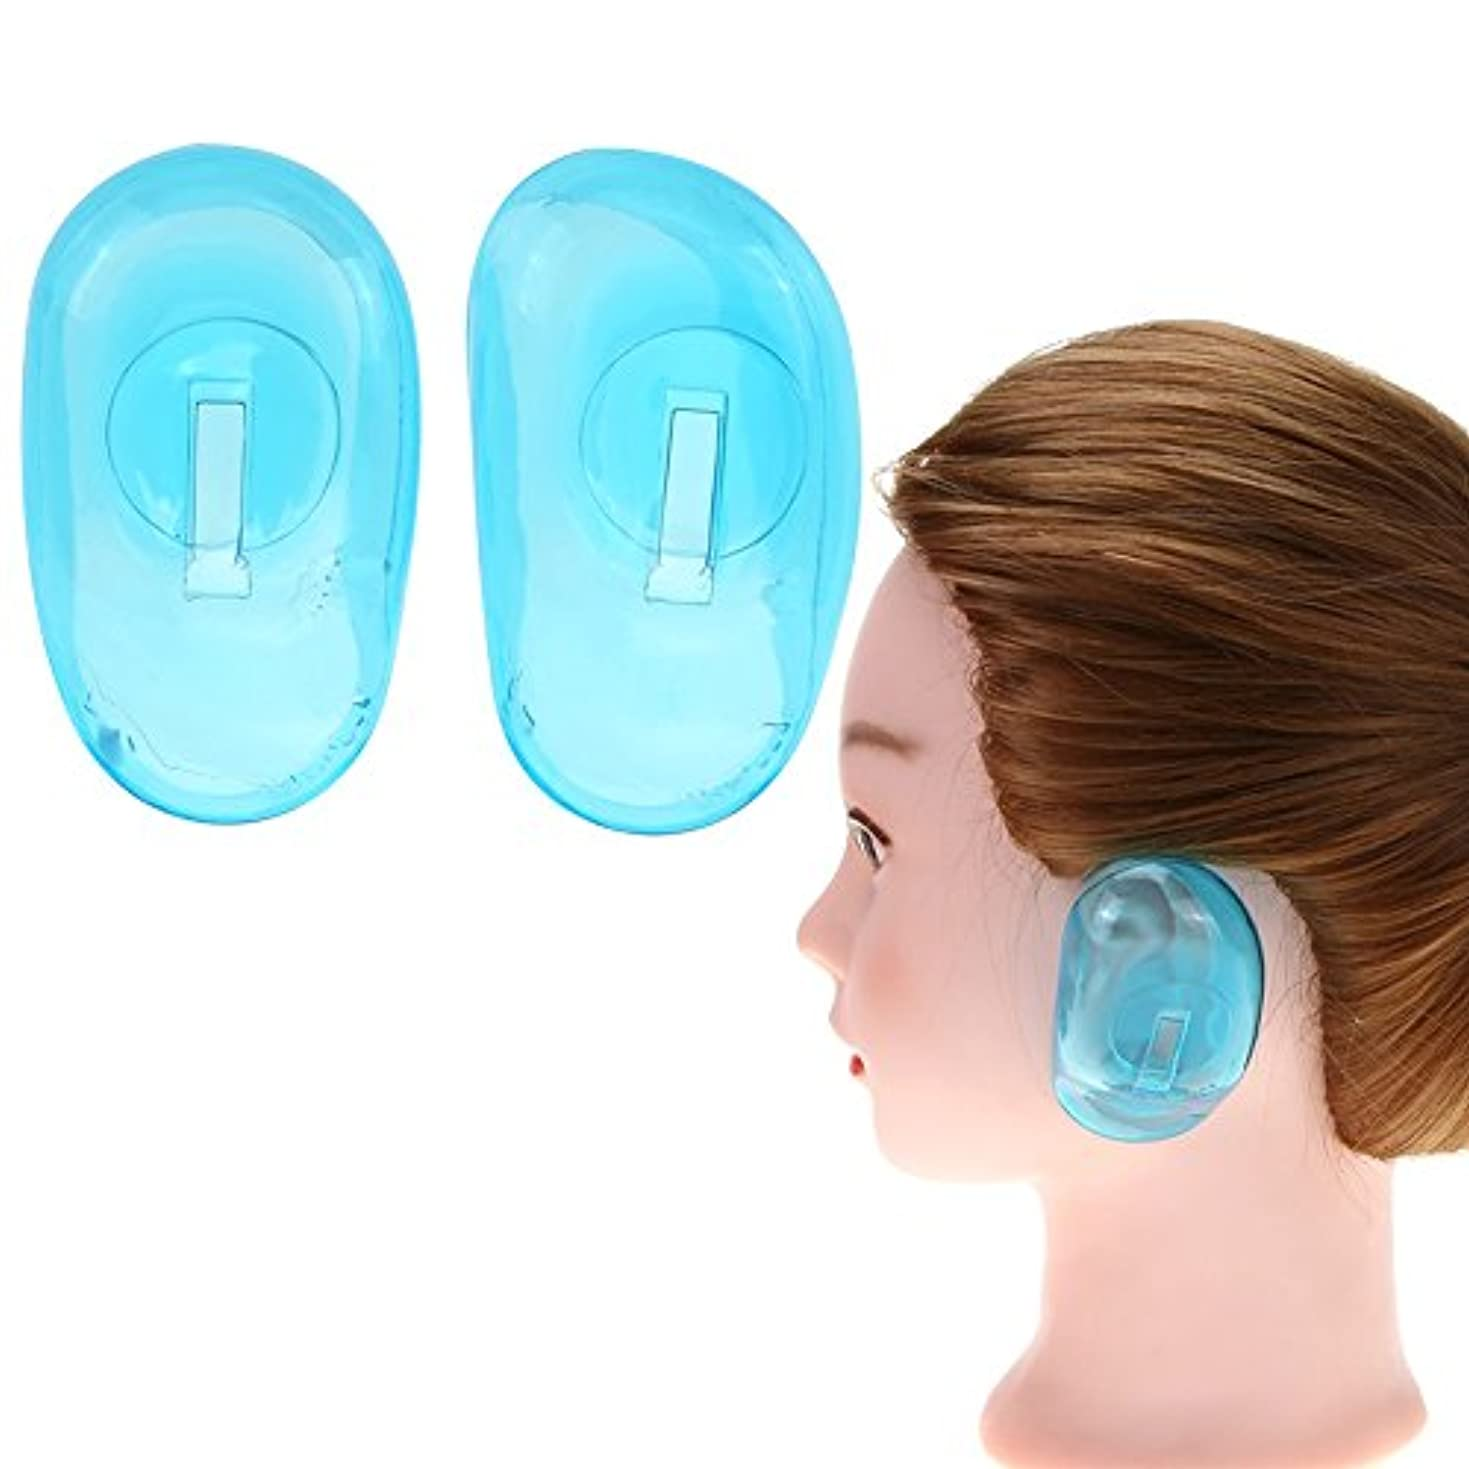 圧倒する関税気づくRuier-tong 1ペア耳カバー 毛染め用 シリコン製 耳キャップ 柔らかいイヤーキャップ ヘアカラー シャワー 耳保護 ヘアケアツール サロン 洗える 繰り返す使用可能 エコ 8.5x5cm